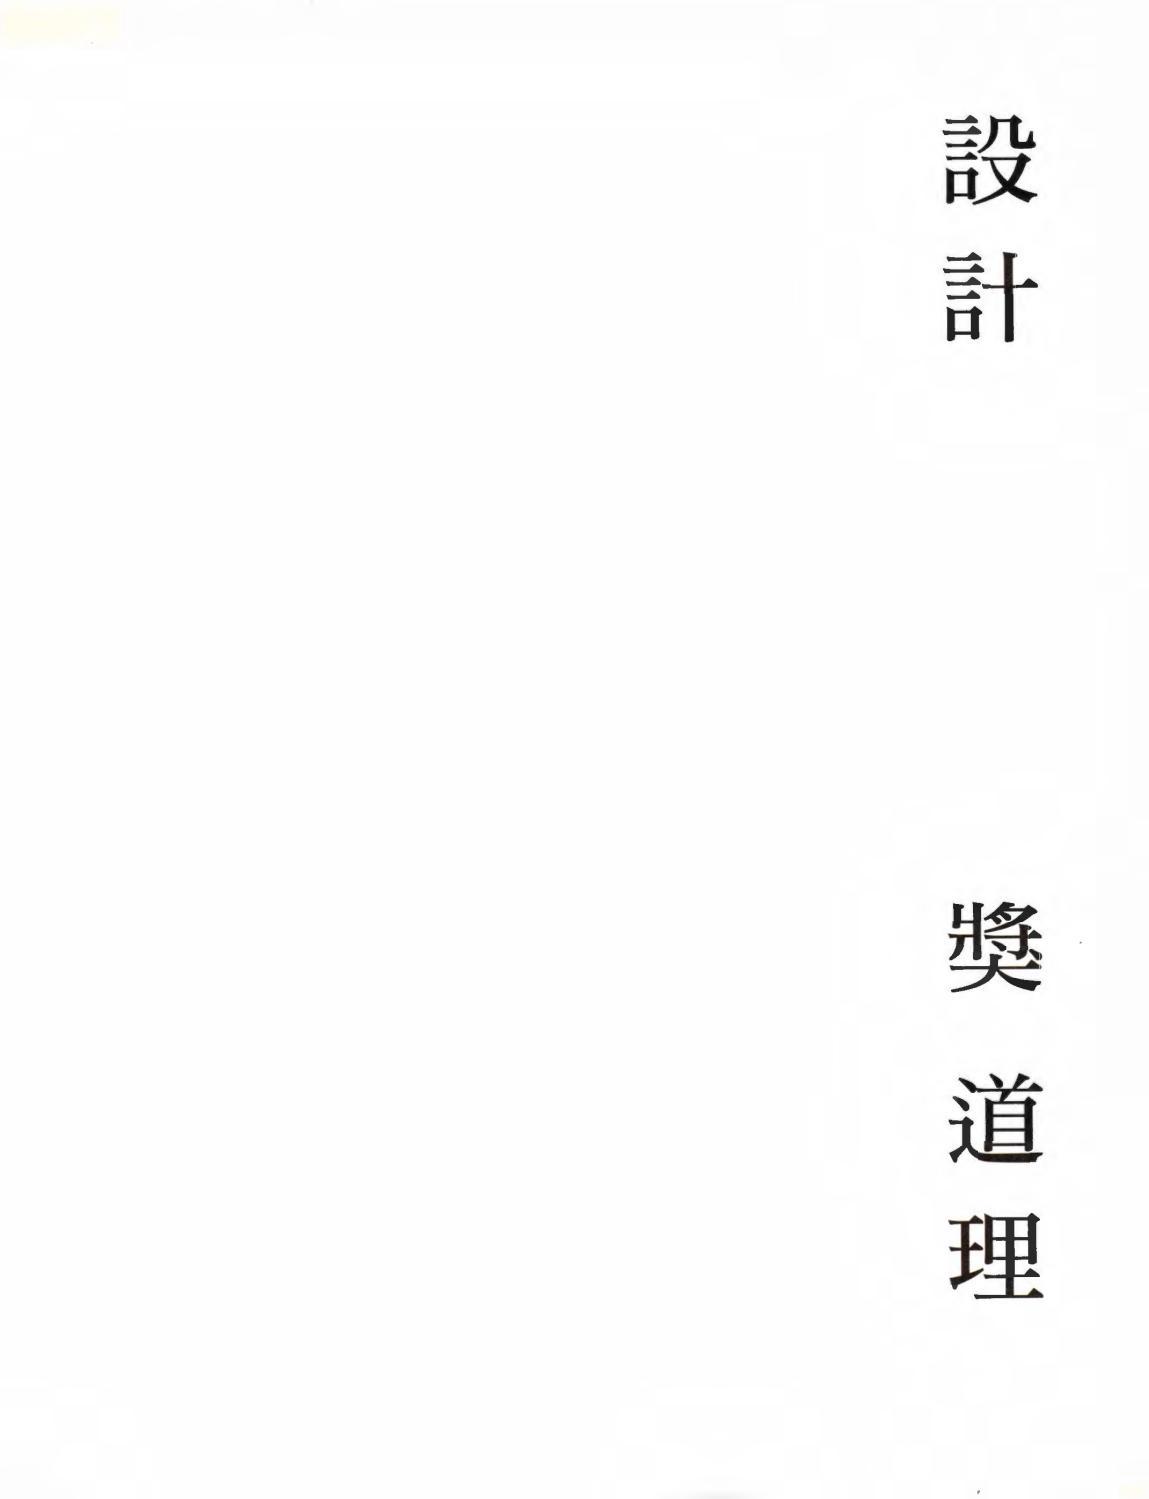 設計奬道理 by 小榮崽仔與烏龍茶的 issuu - issuu